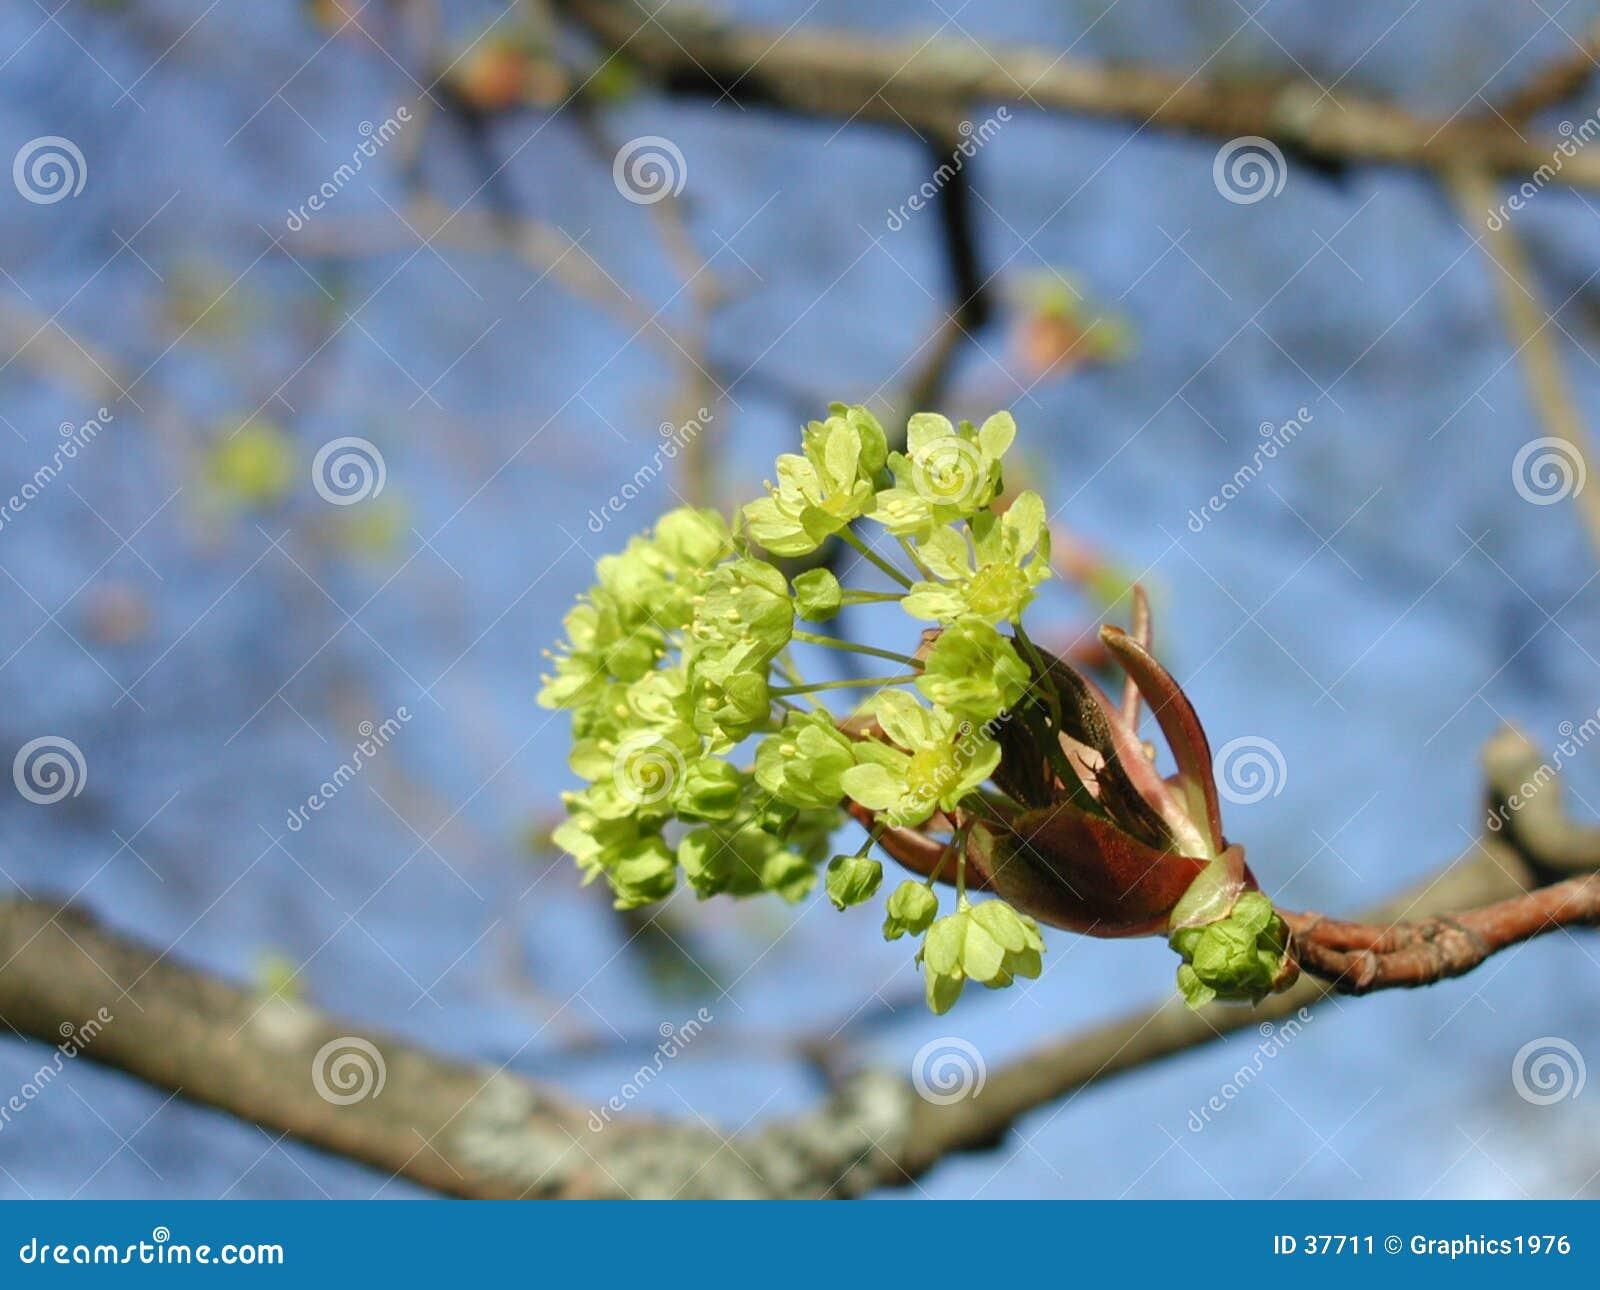 Wiosenne kwiaty drzewa klonowego